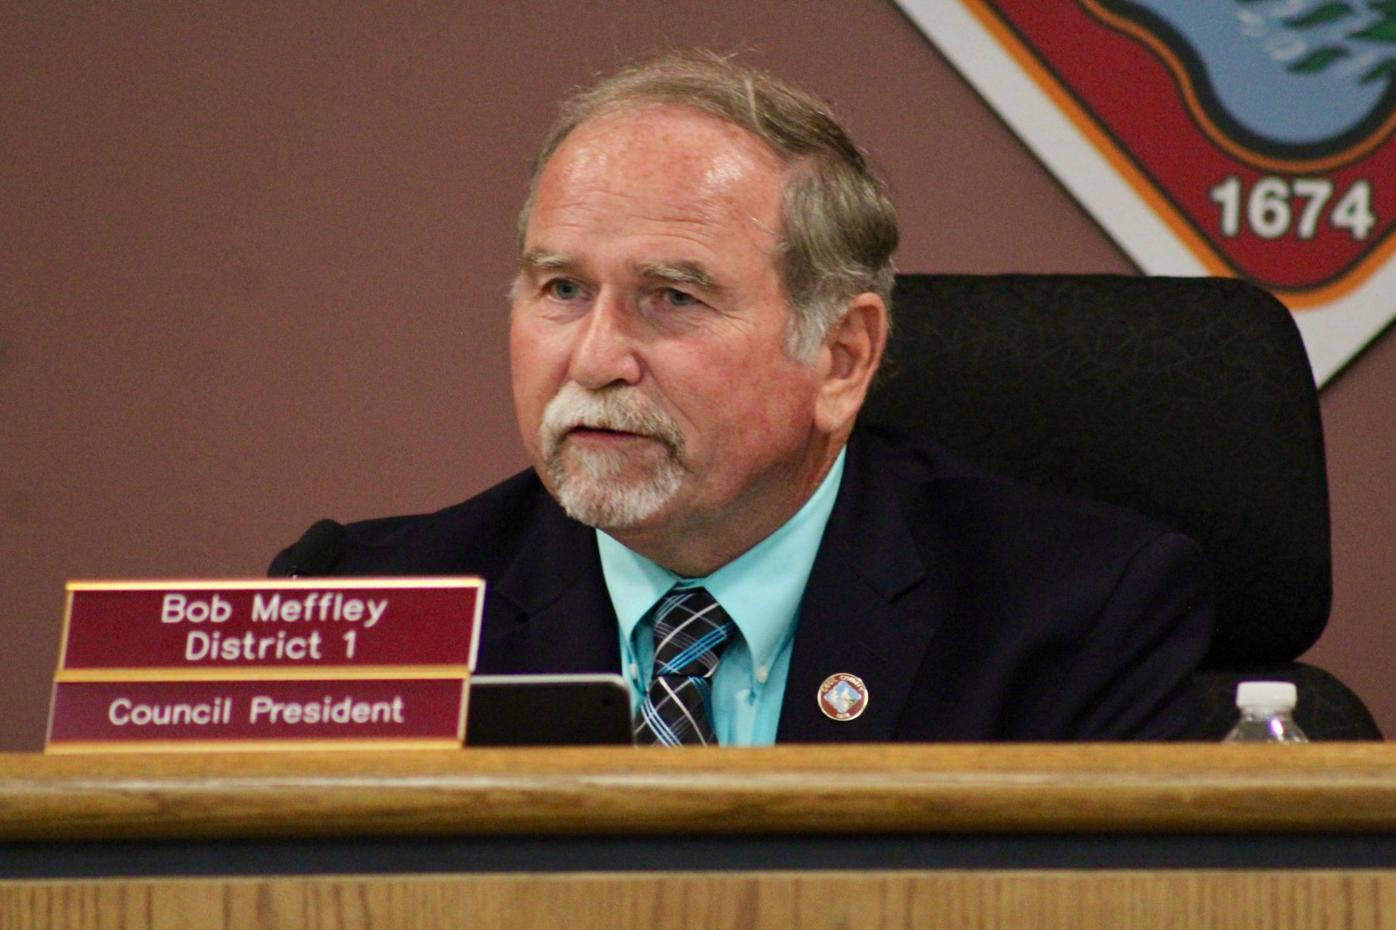 Council President Bob Meffley